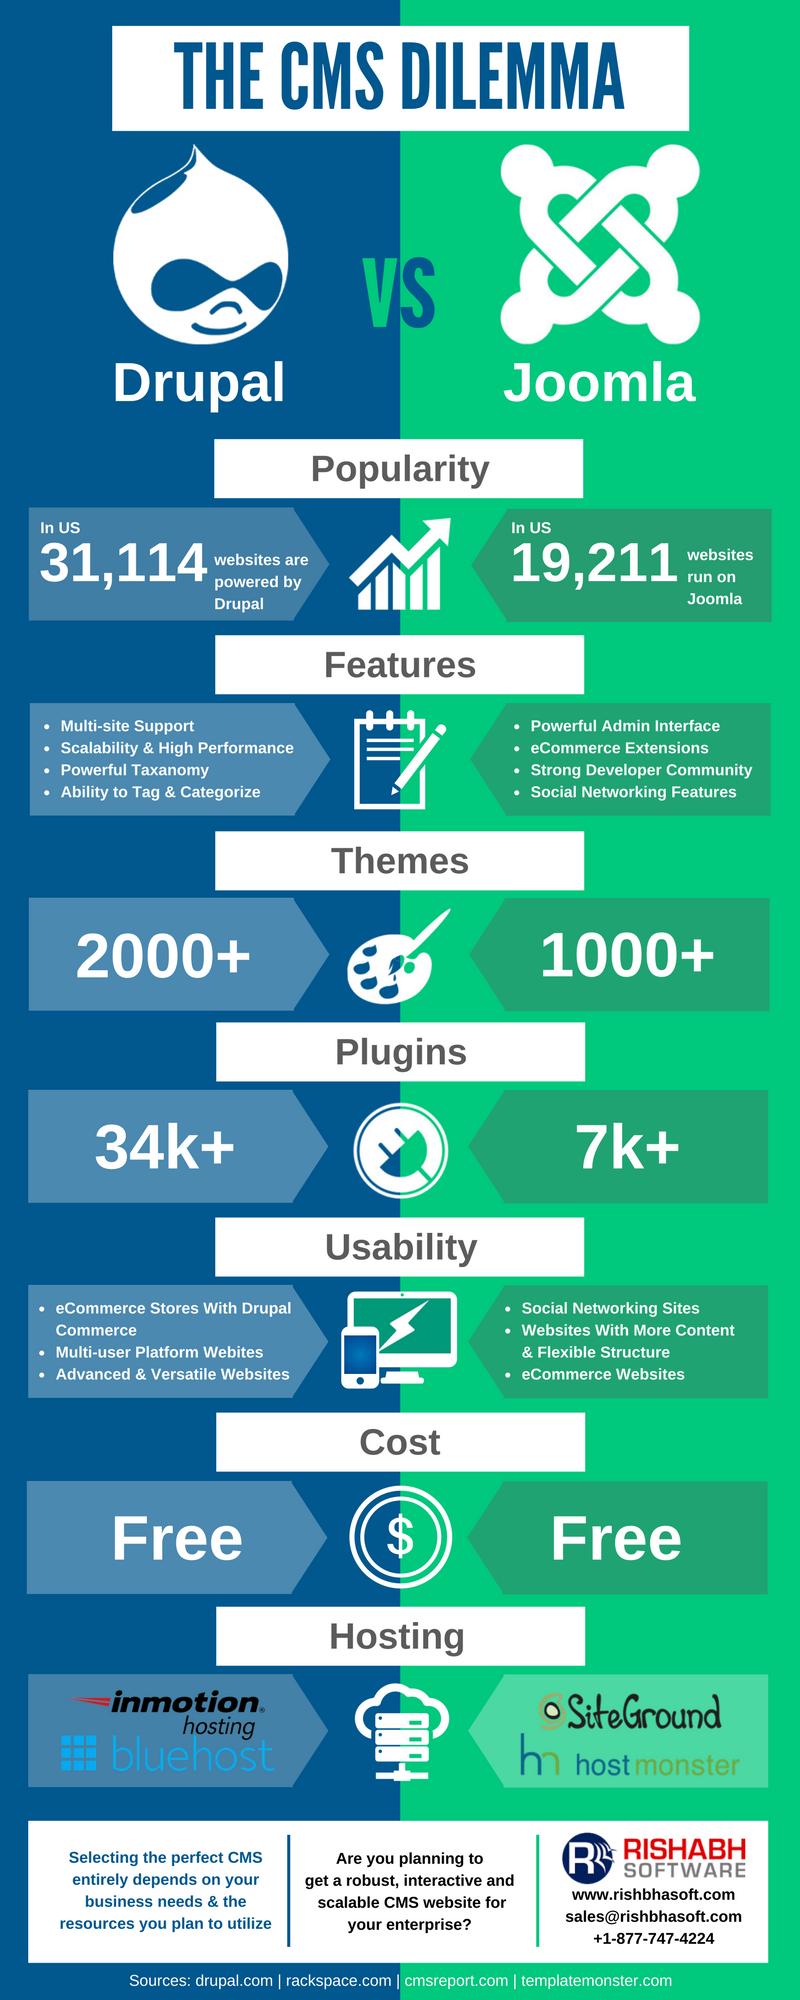 Drupal vs Joomla - Know About CMS Comparison